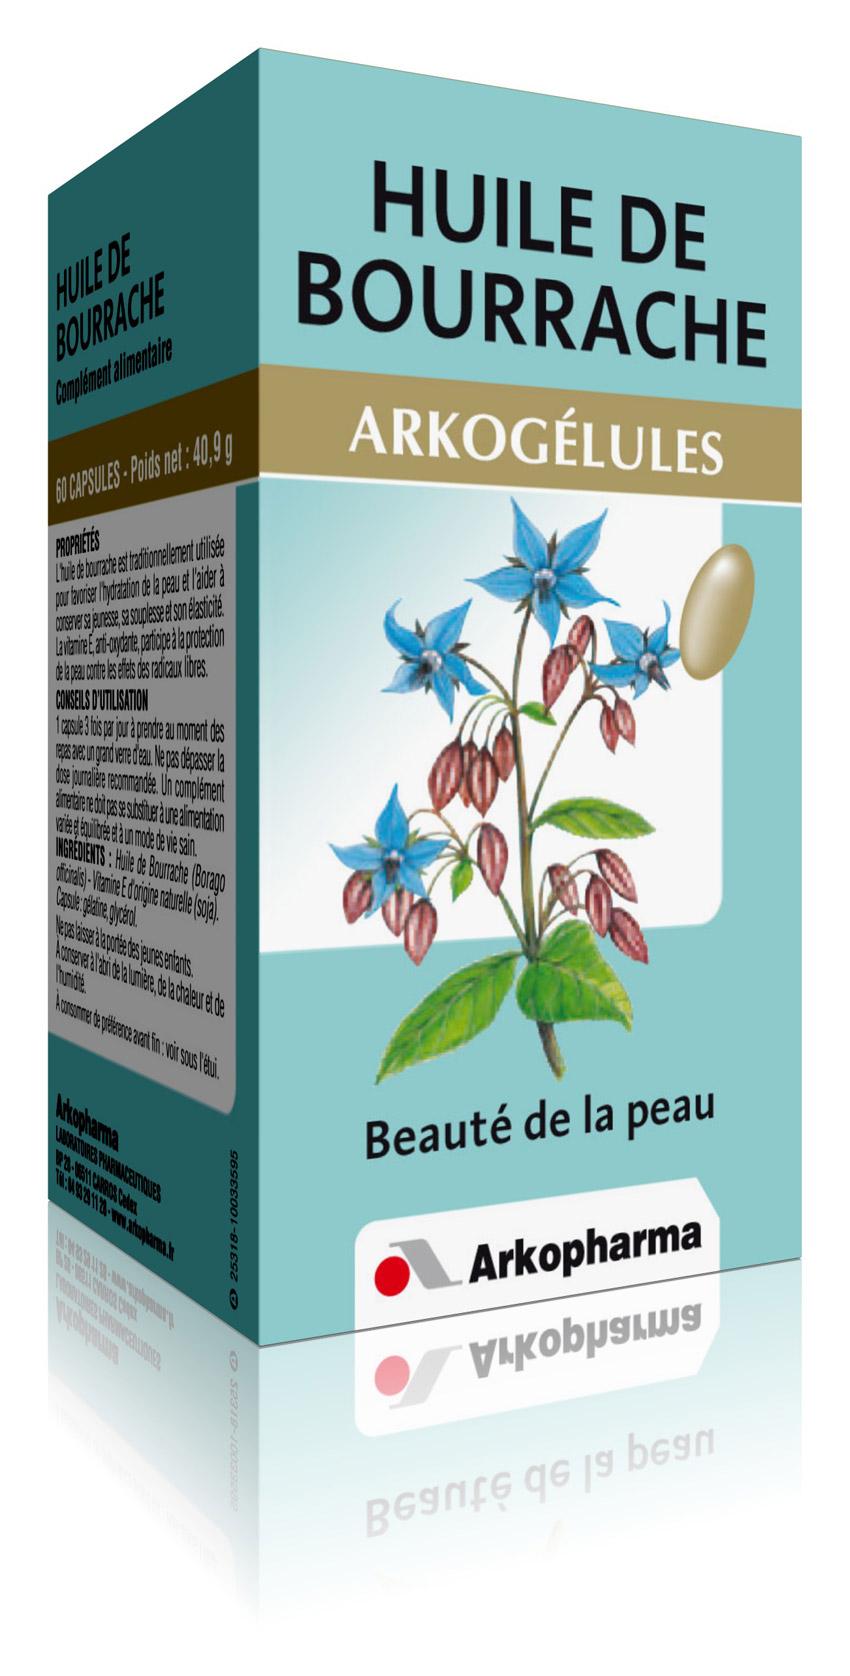 arkog lules huile de bourrache 60 g lules arkopharma 3401547941035. Black Bedroom Furniture Sets. Home Design Ideas